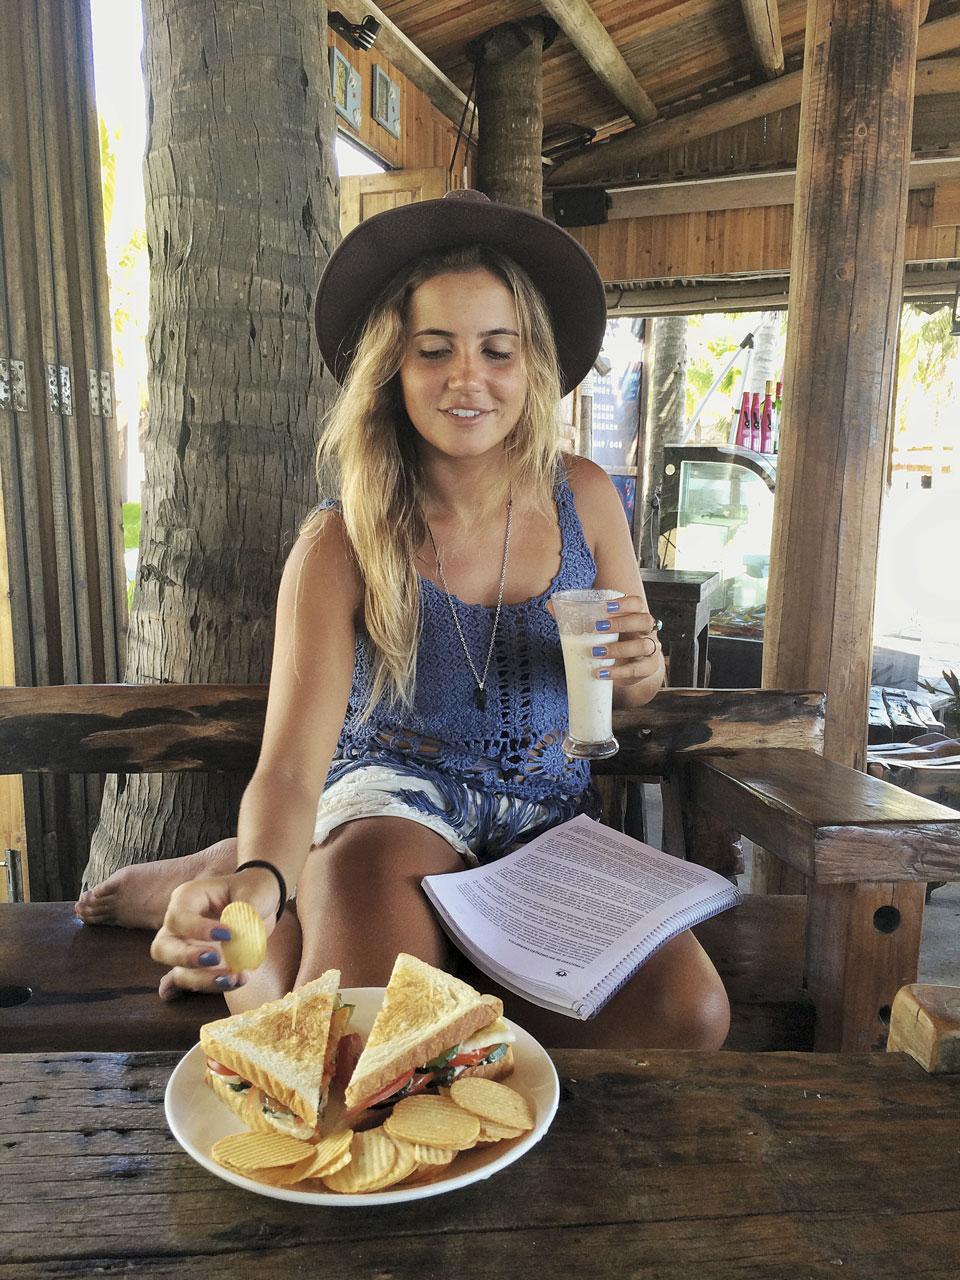 """10h40 """"Depois do treino, hora de se alimentar! Este café em frente à praia é de um inglês e uma chinesa. Tomei uma vitamina de banana e comi um sanduíche vegetariano."""""""